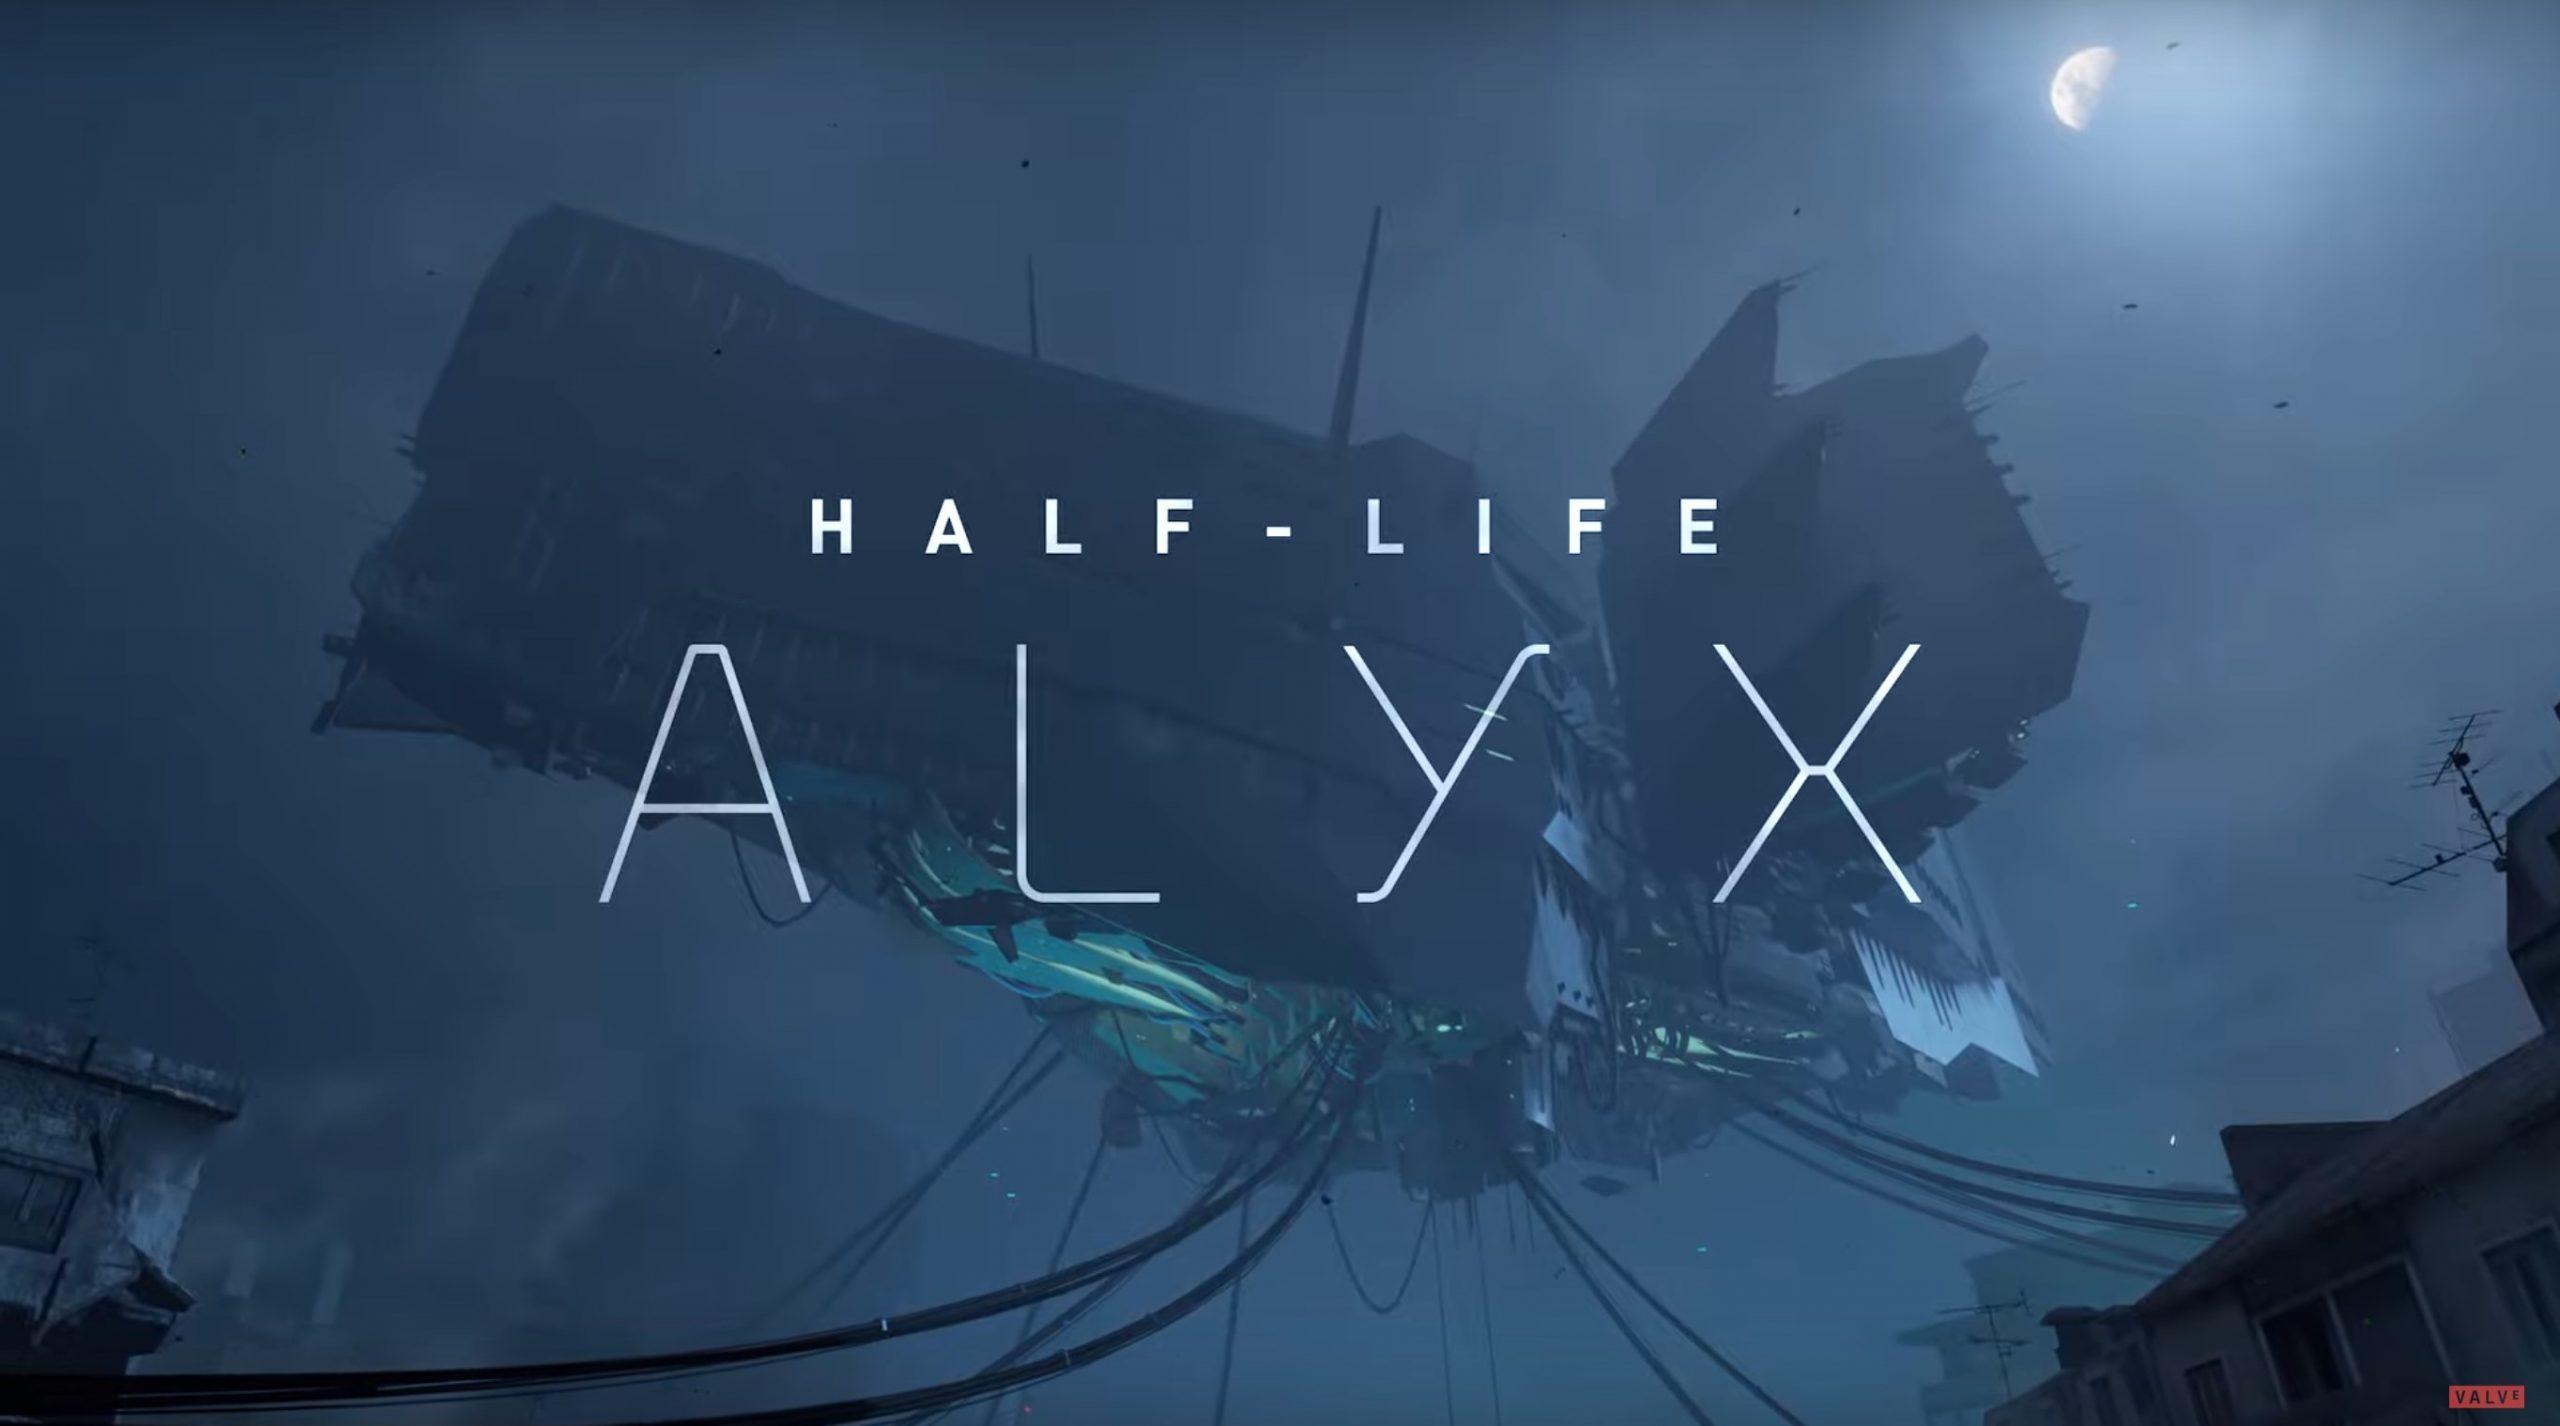 Poznaliśmy konkretną datę premiery Half-Life: Alyx. Nadchodzi rewolucja w technologii VR? 27